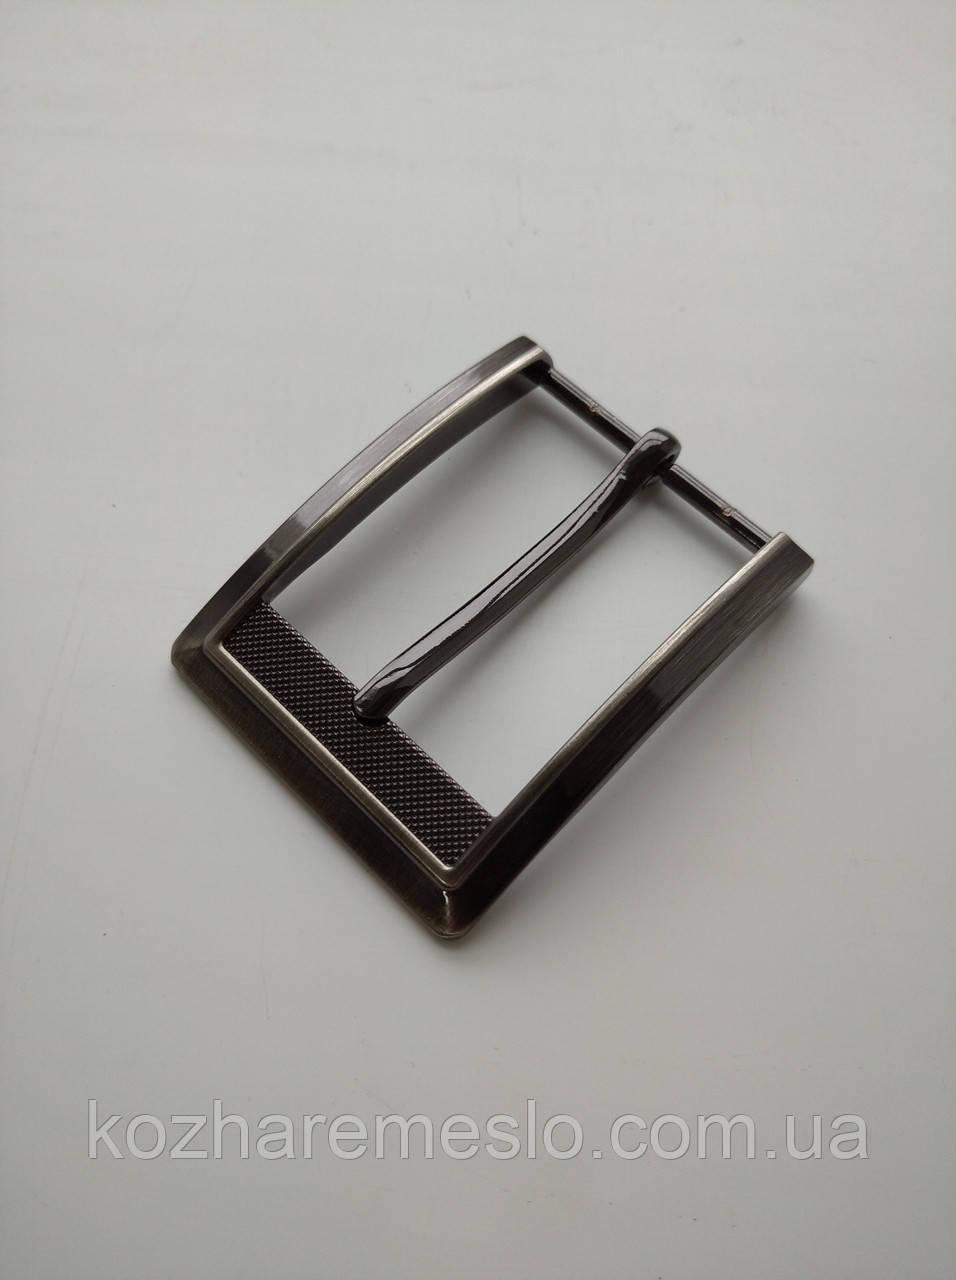 Пряжка для ремня 35 мм титан